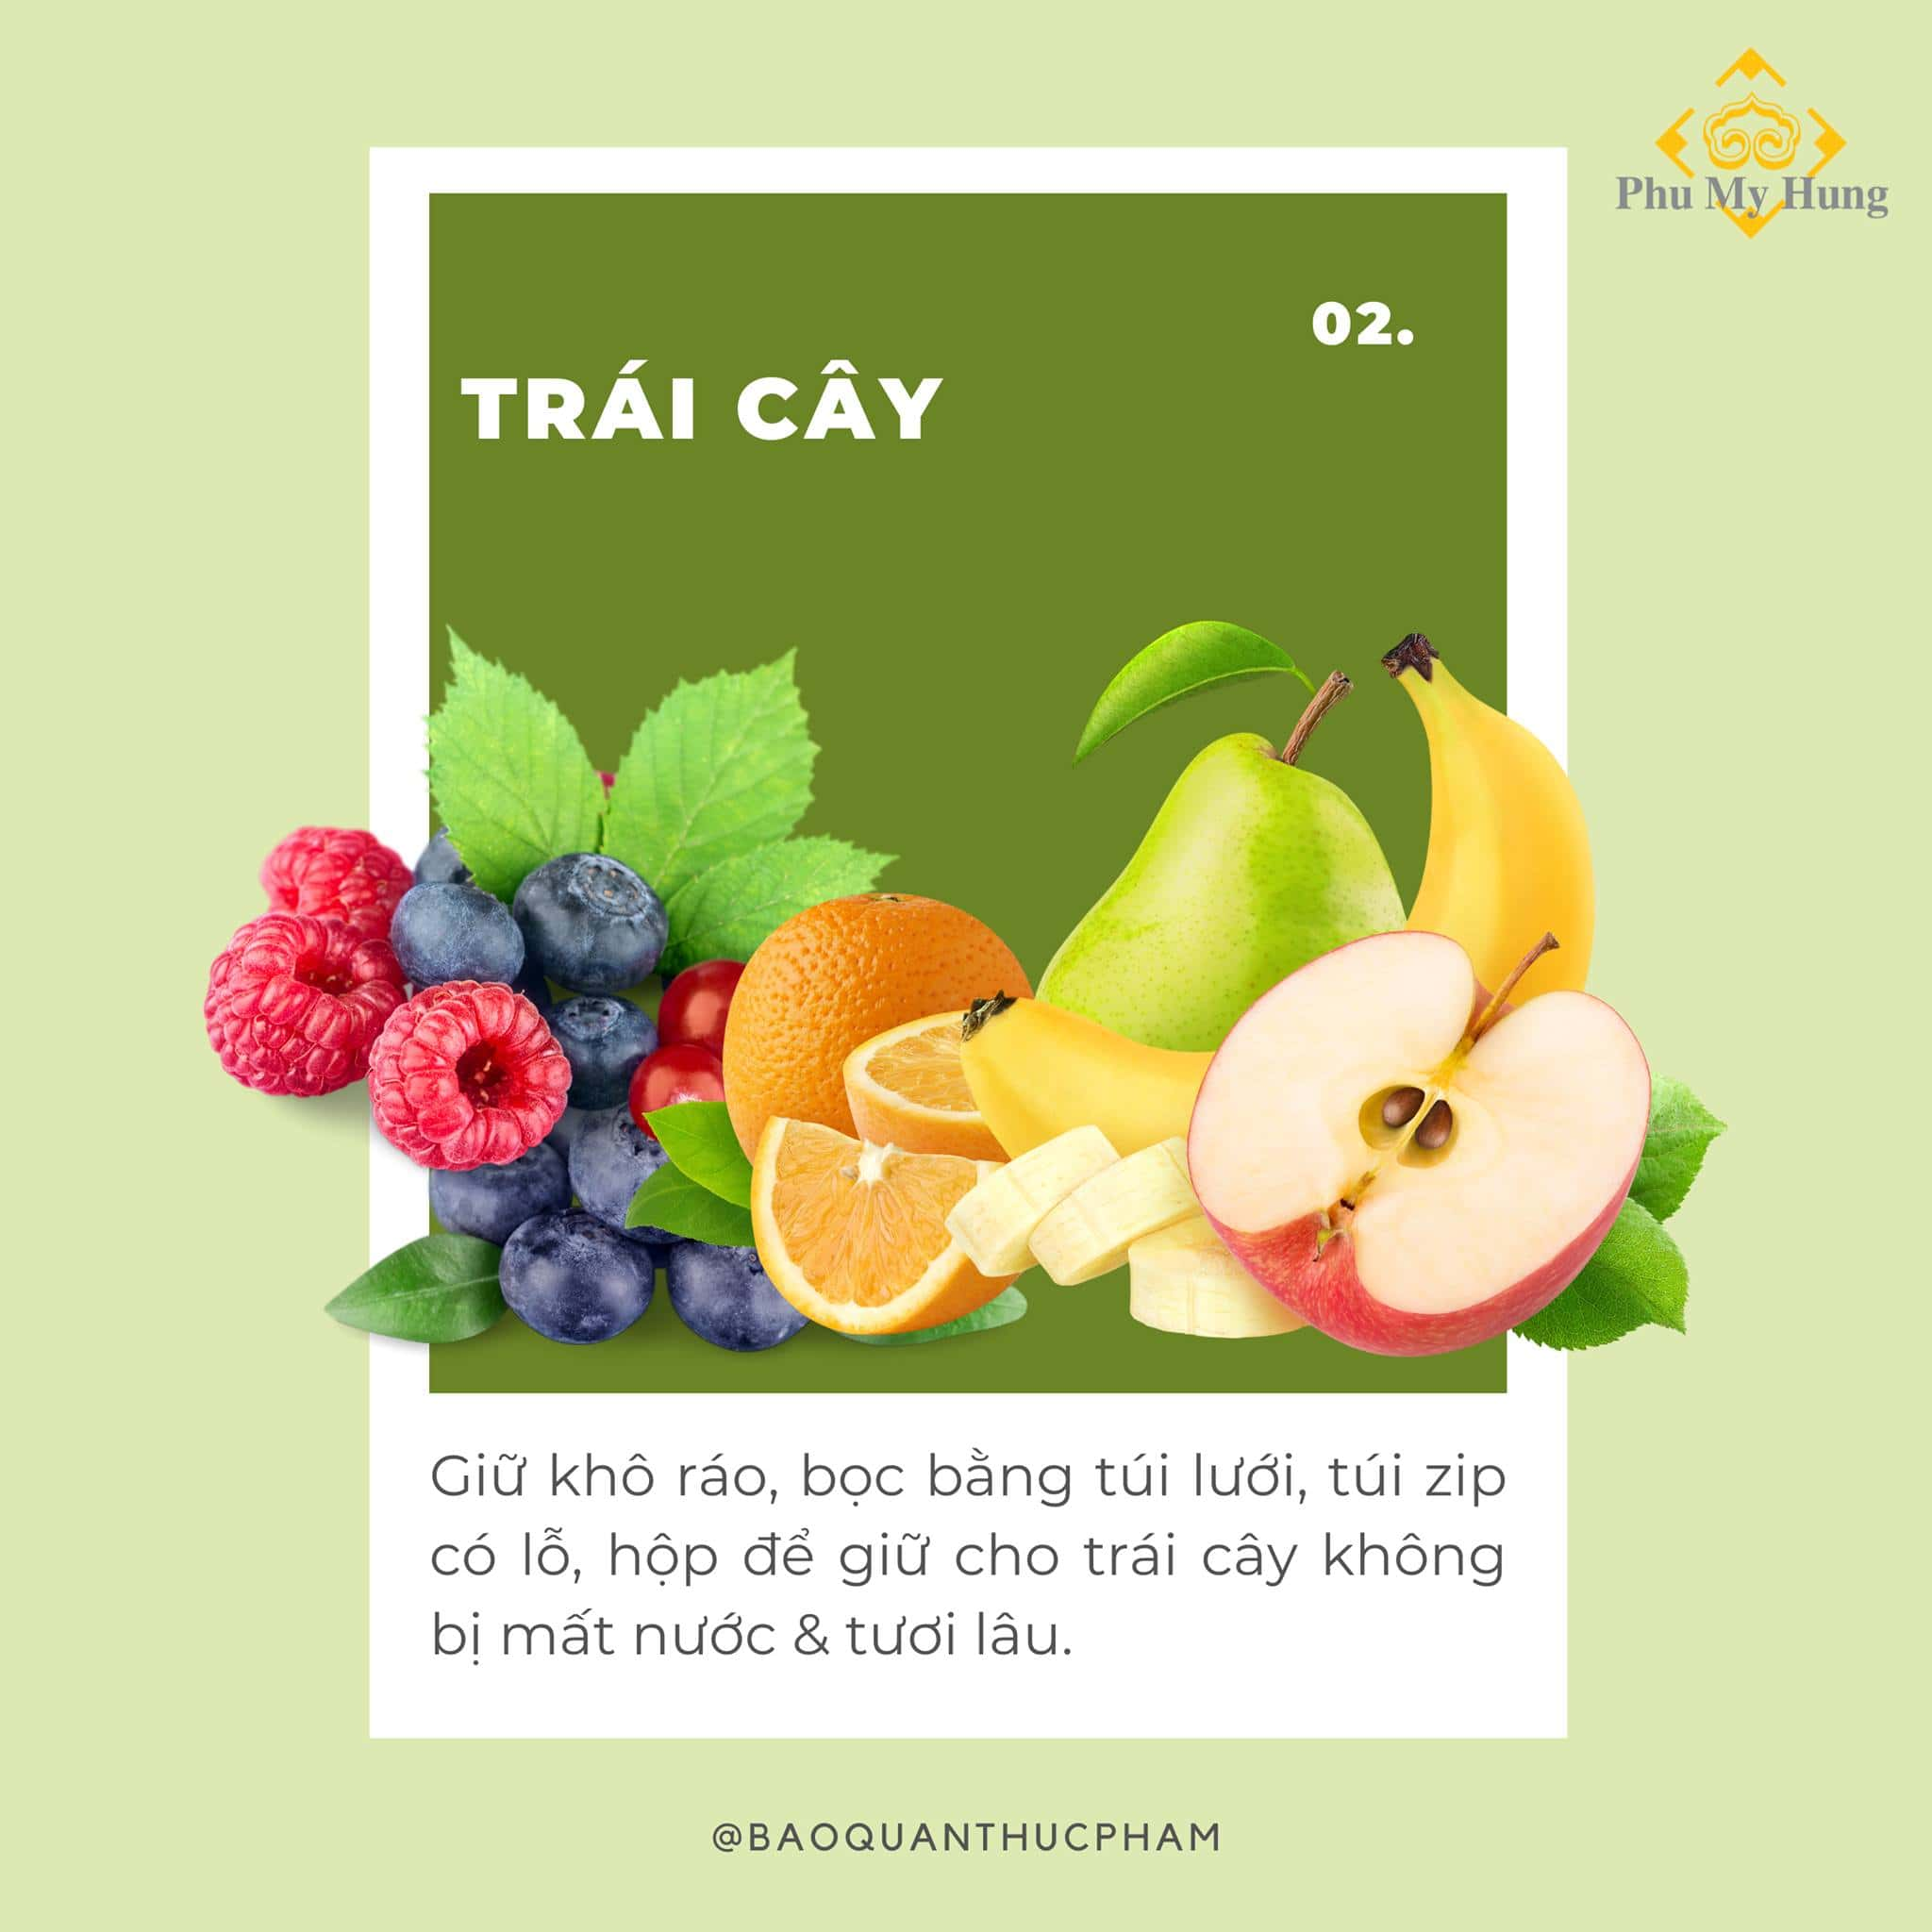 Mẹo hay bảo quản trái cây